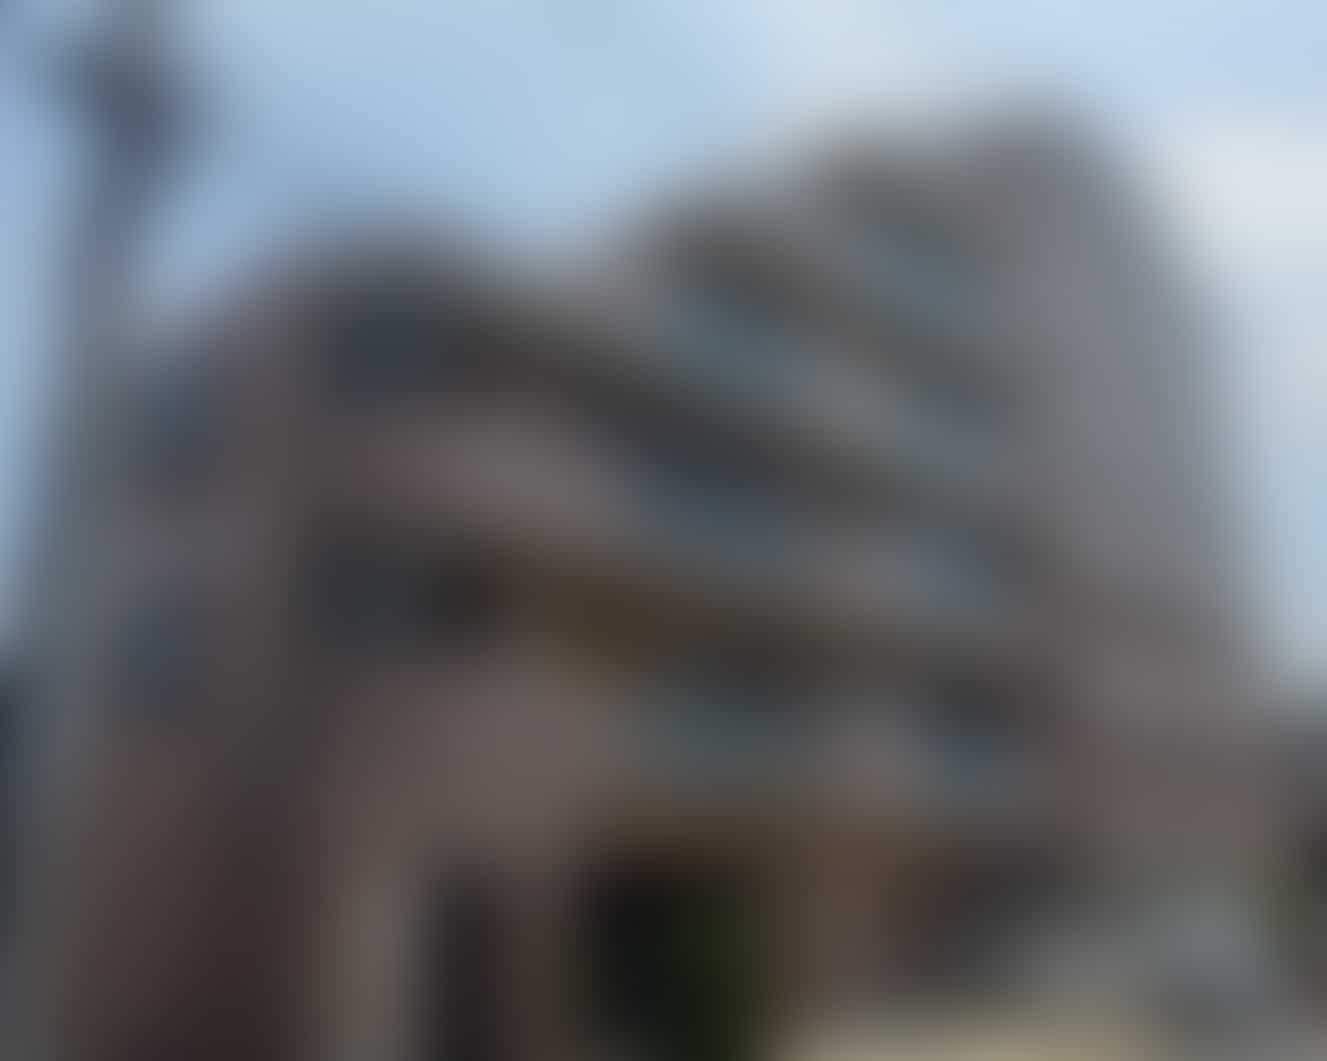 埼玉県所沢市U社長の事例写真